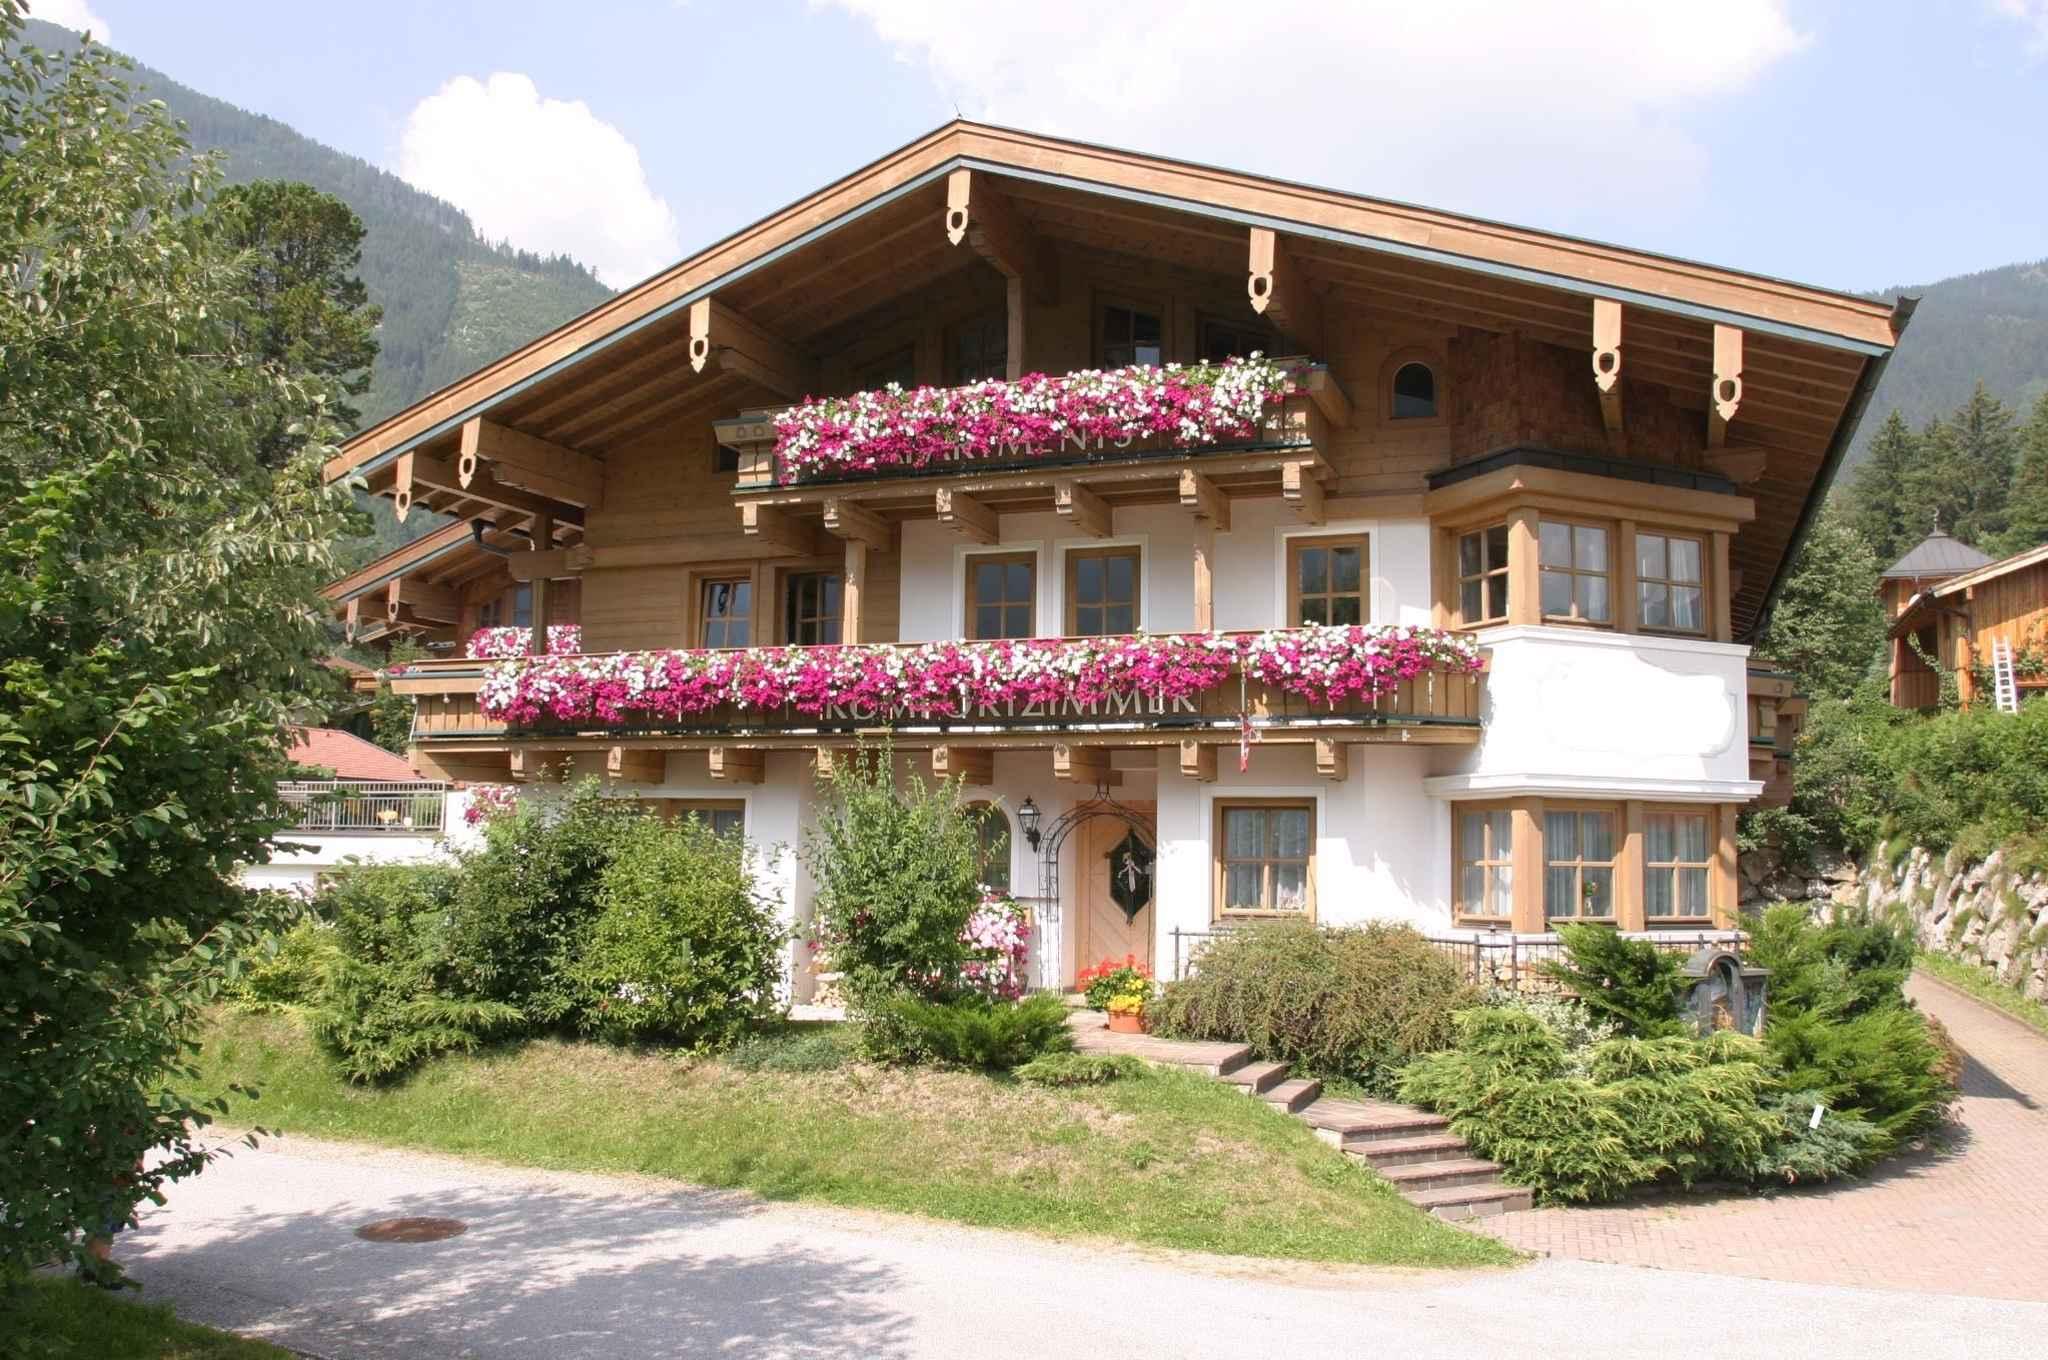 Ferienwohnung mit Wellness in ruhiger Lage (310162), Krimml, Pinzgau, Salzburg, Österreich, Bild 2